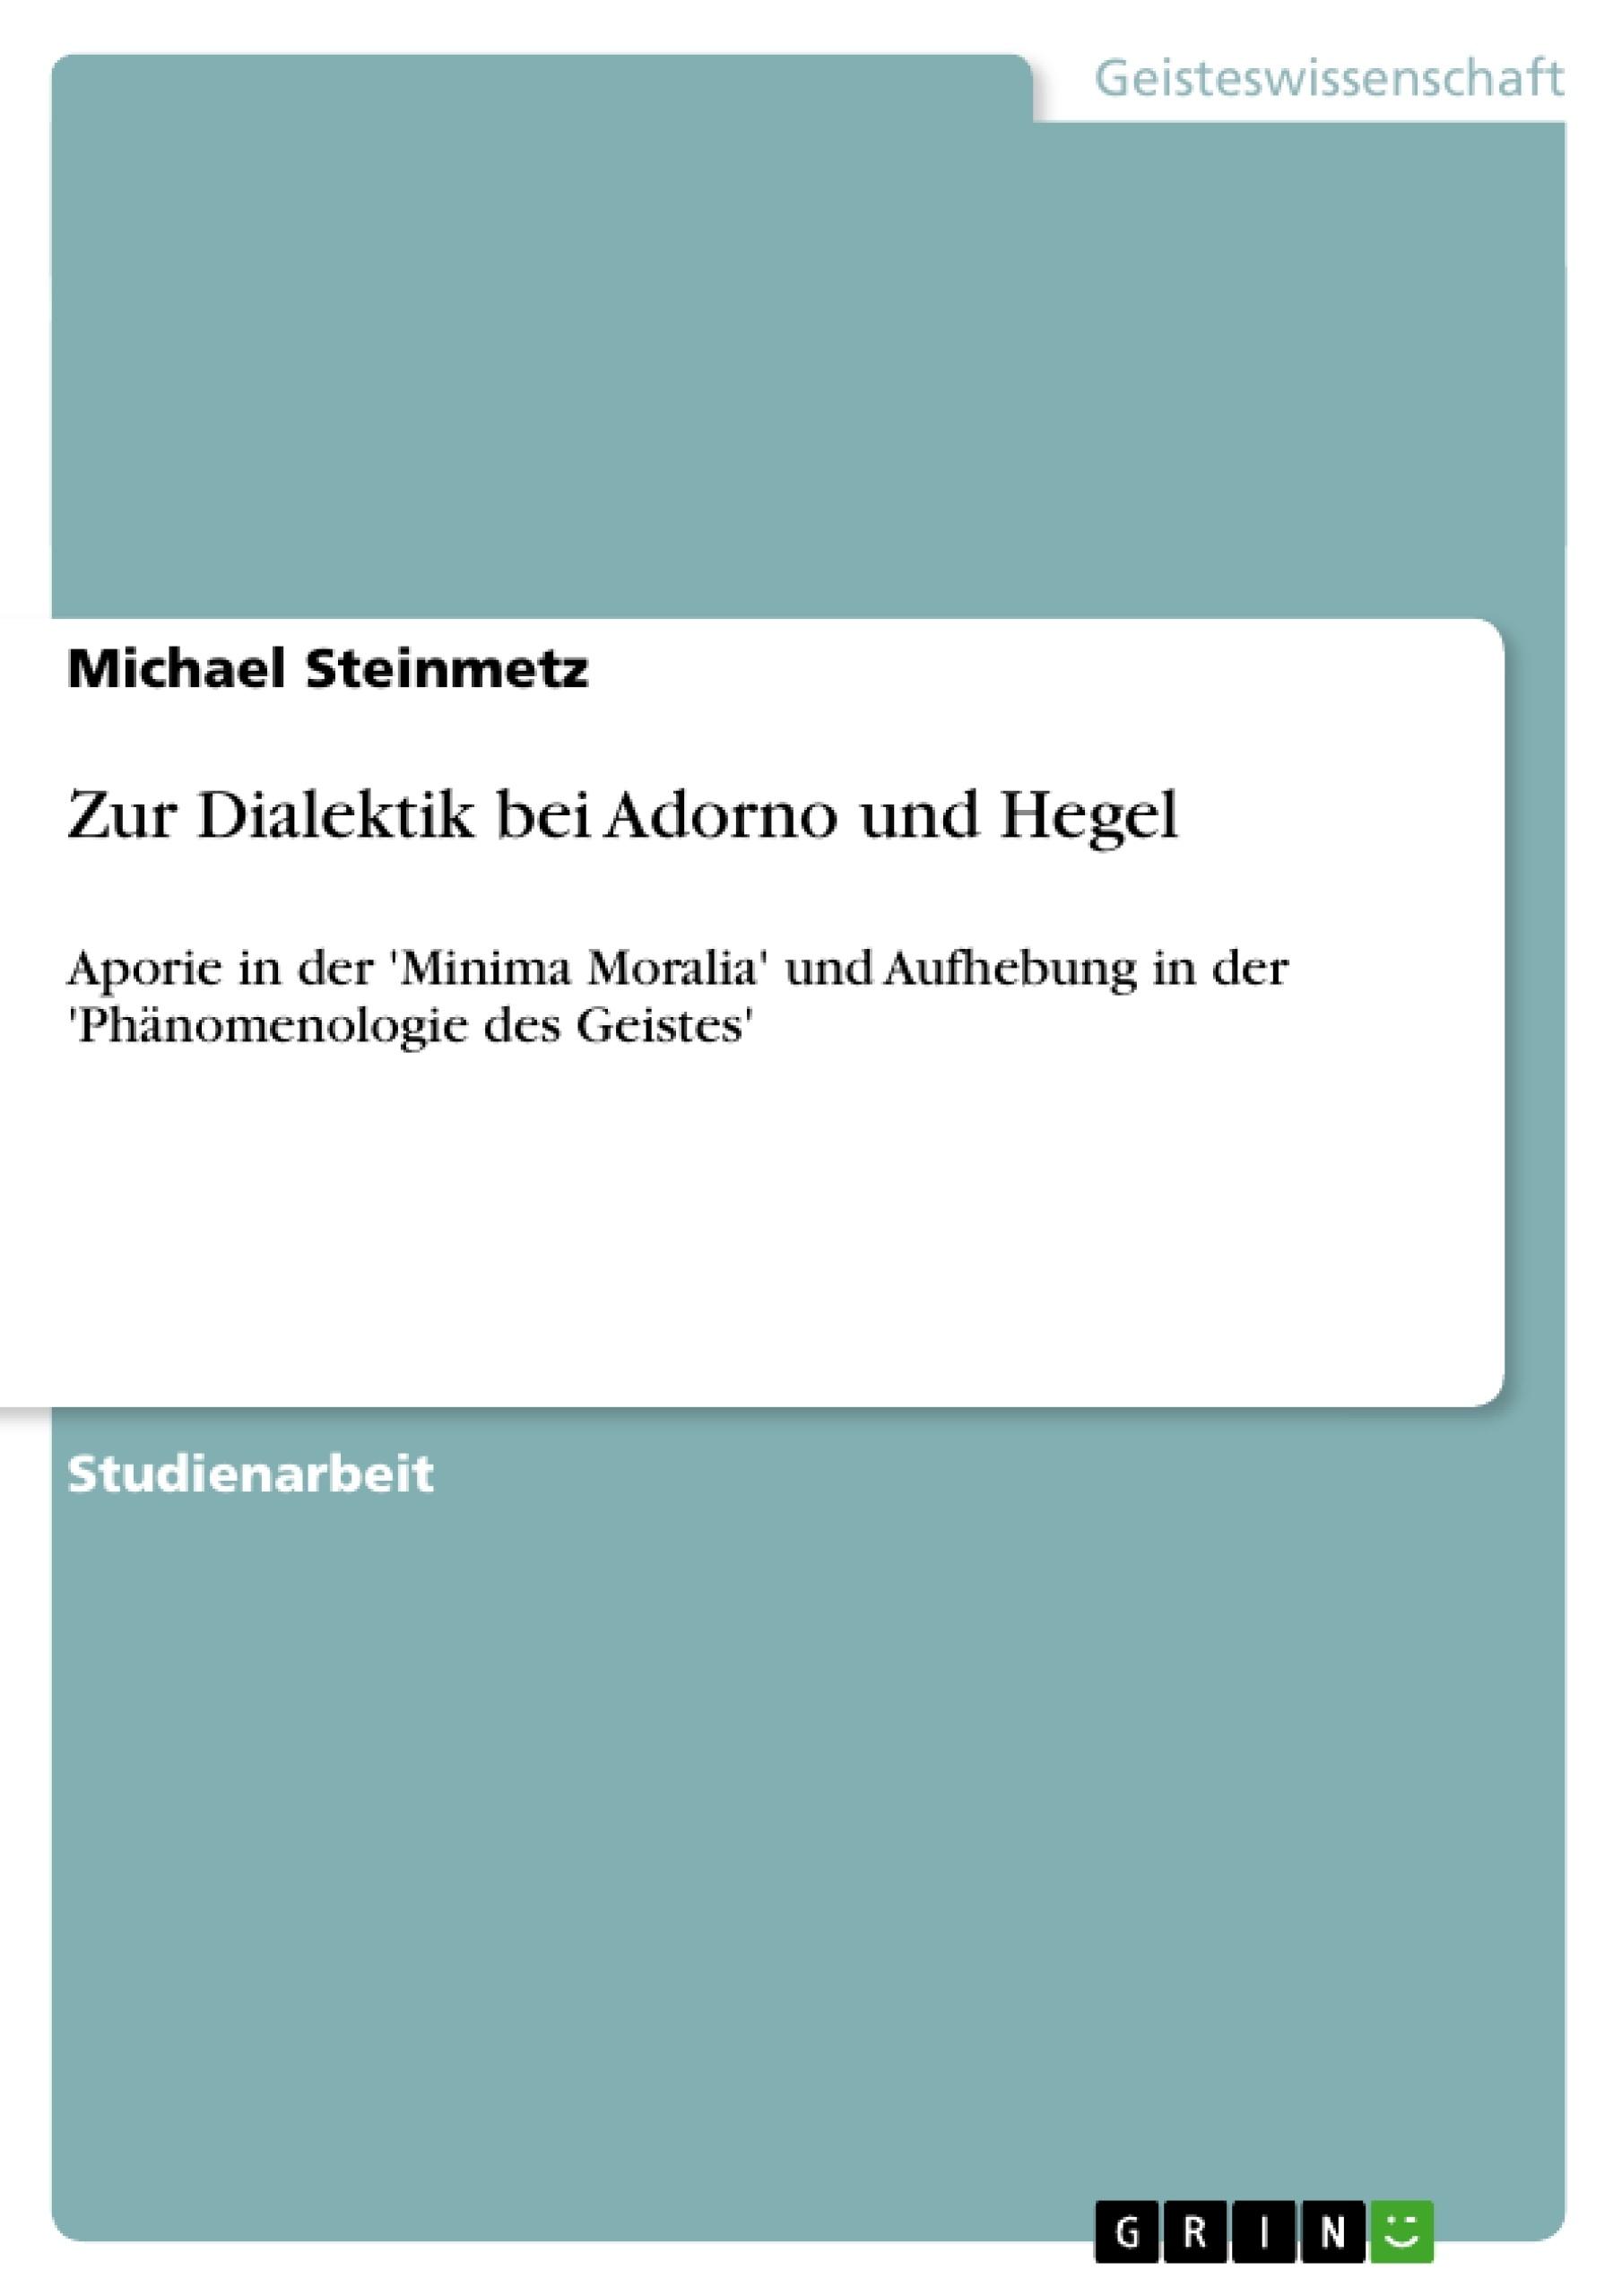 Titel: Zur Dialektik bei Adorno und Hegel